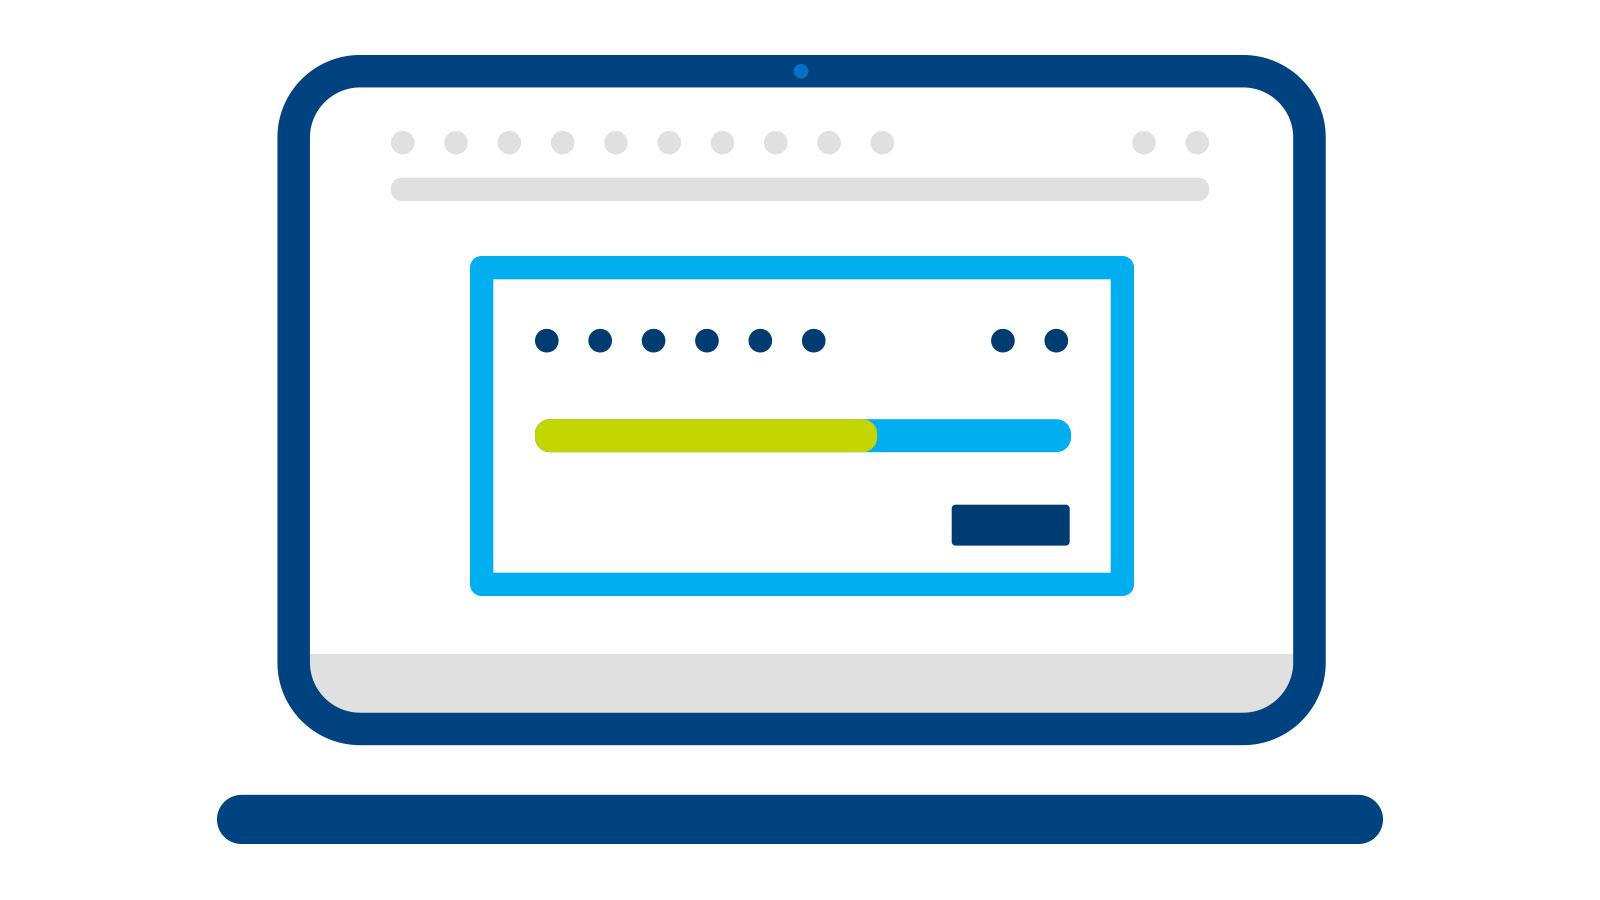 راهنمای نصب و فعالسازی اینترنت سکیوریتی بیت دیفندر